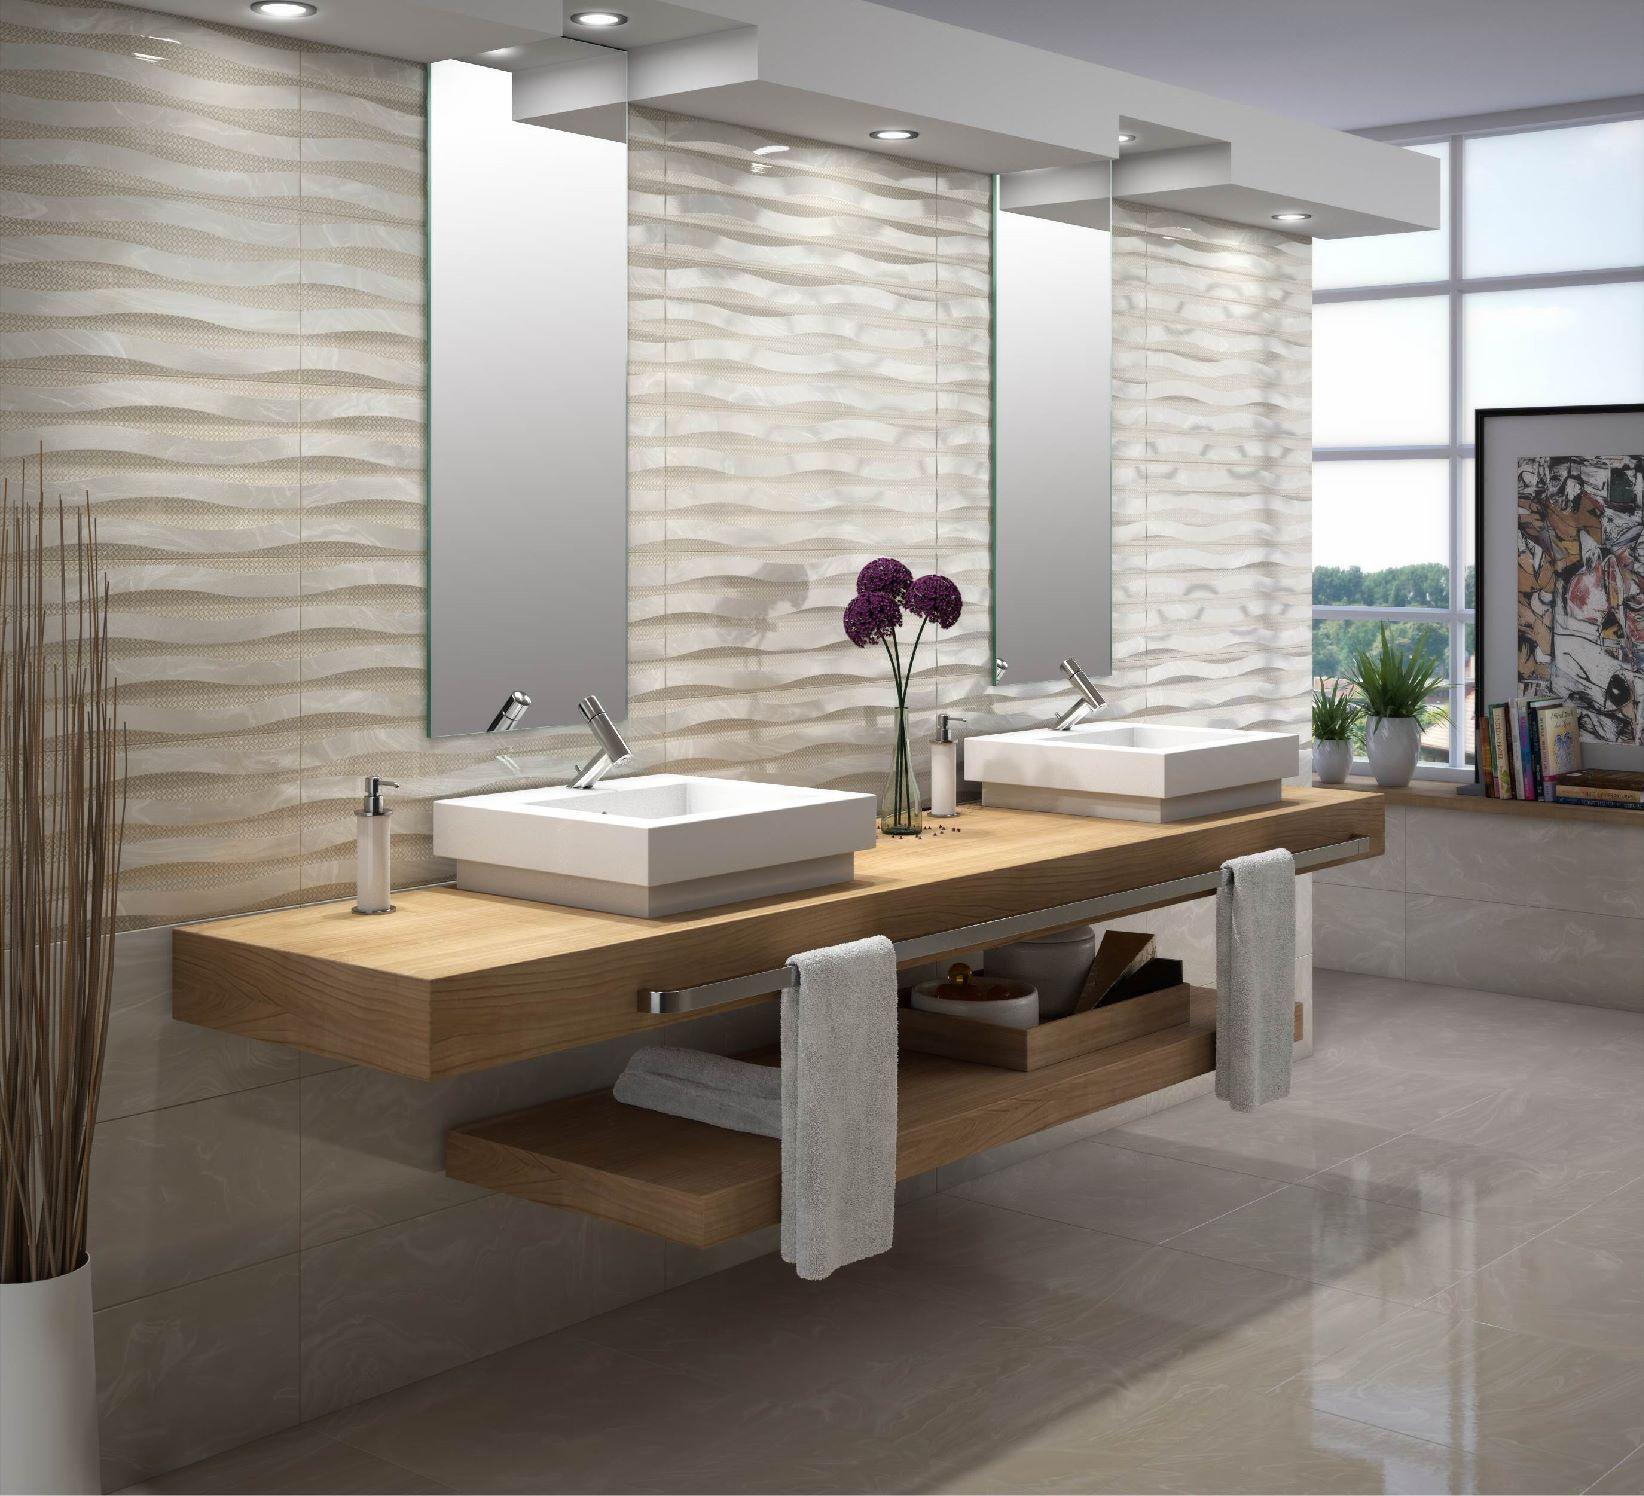 Pavimentos, revestimientos, azulejos, baño y cocina | Washrooms with ...